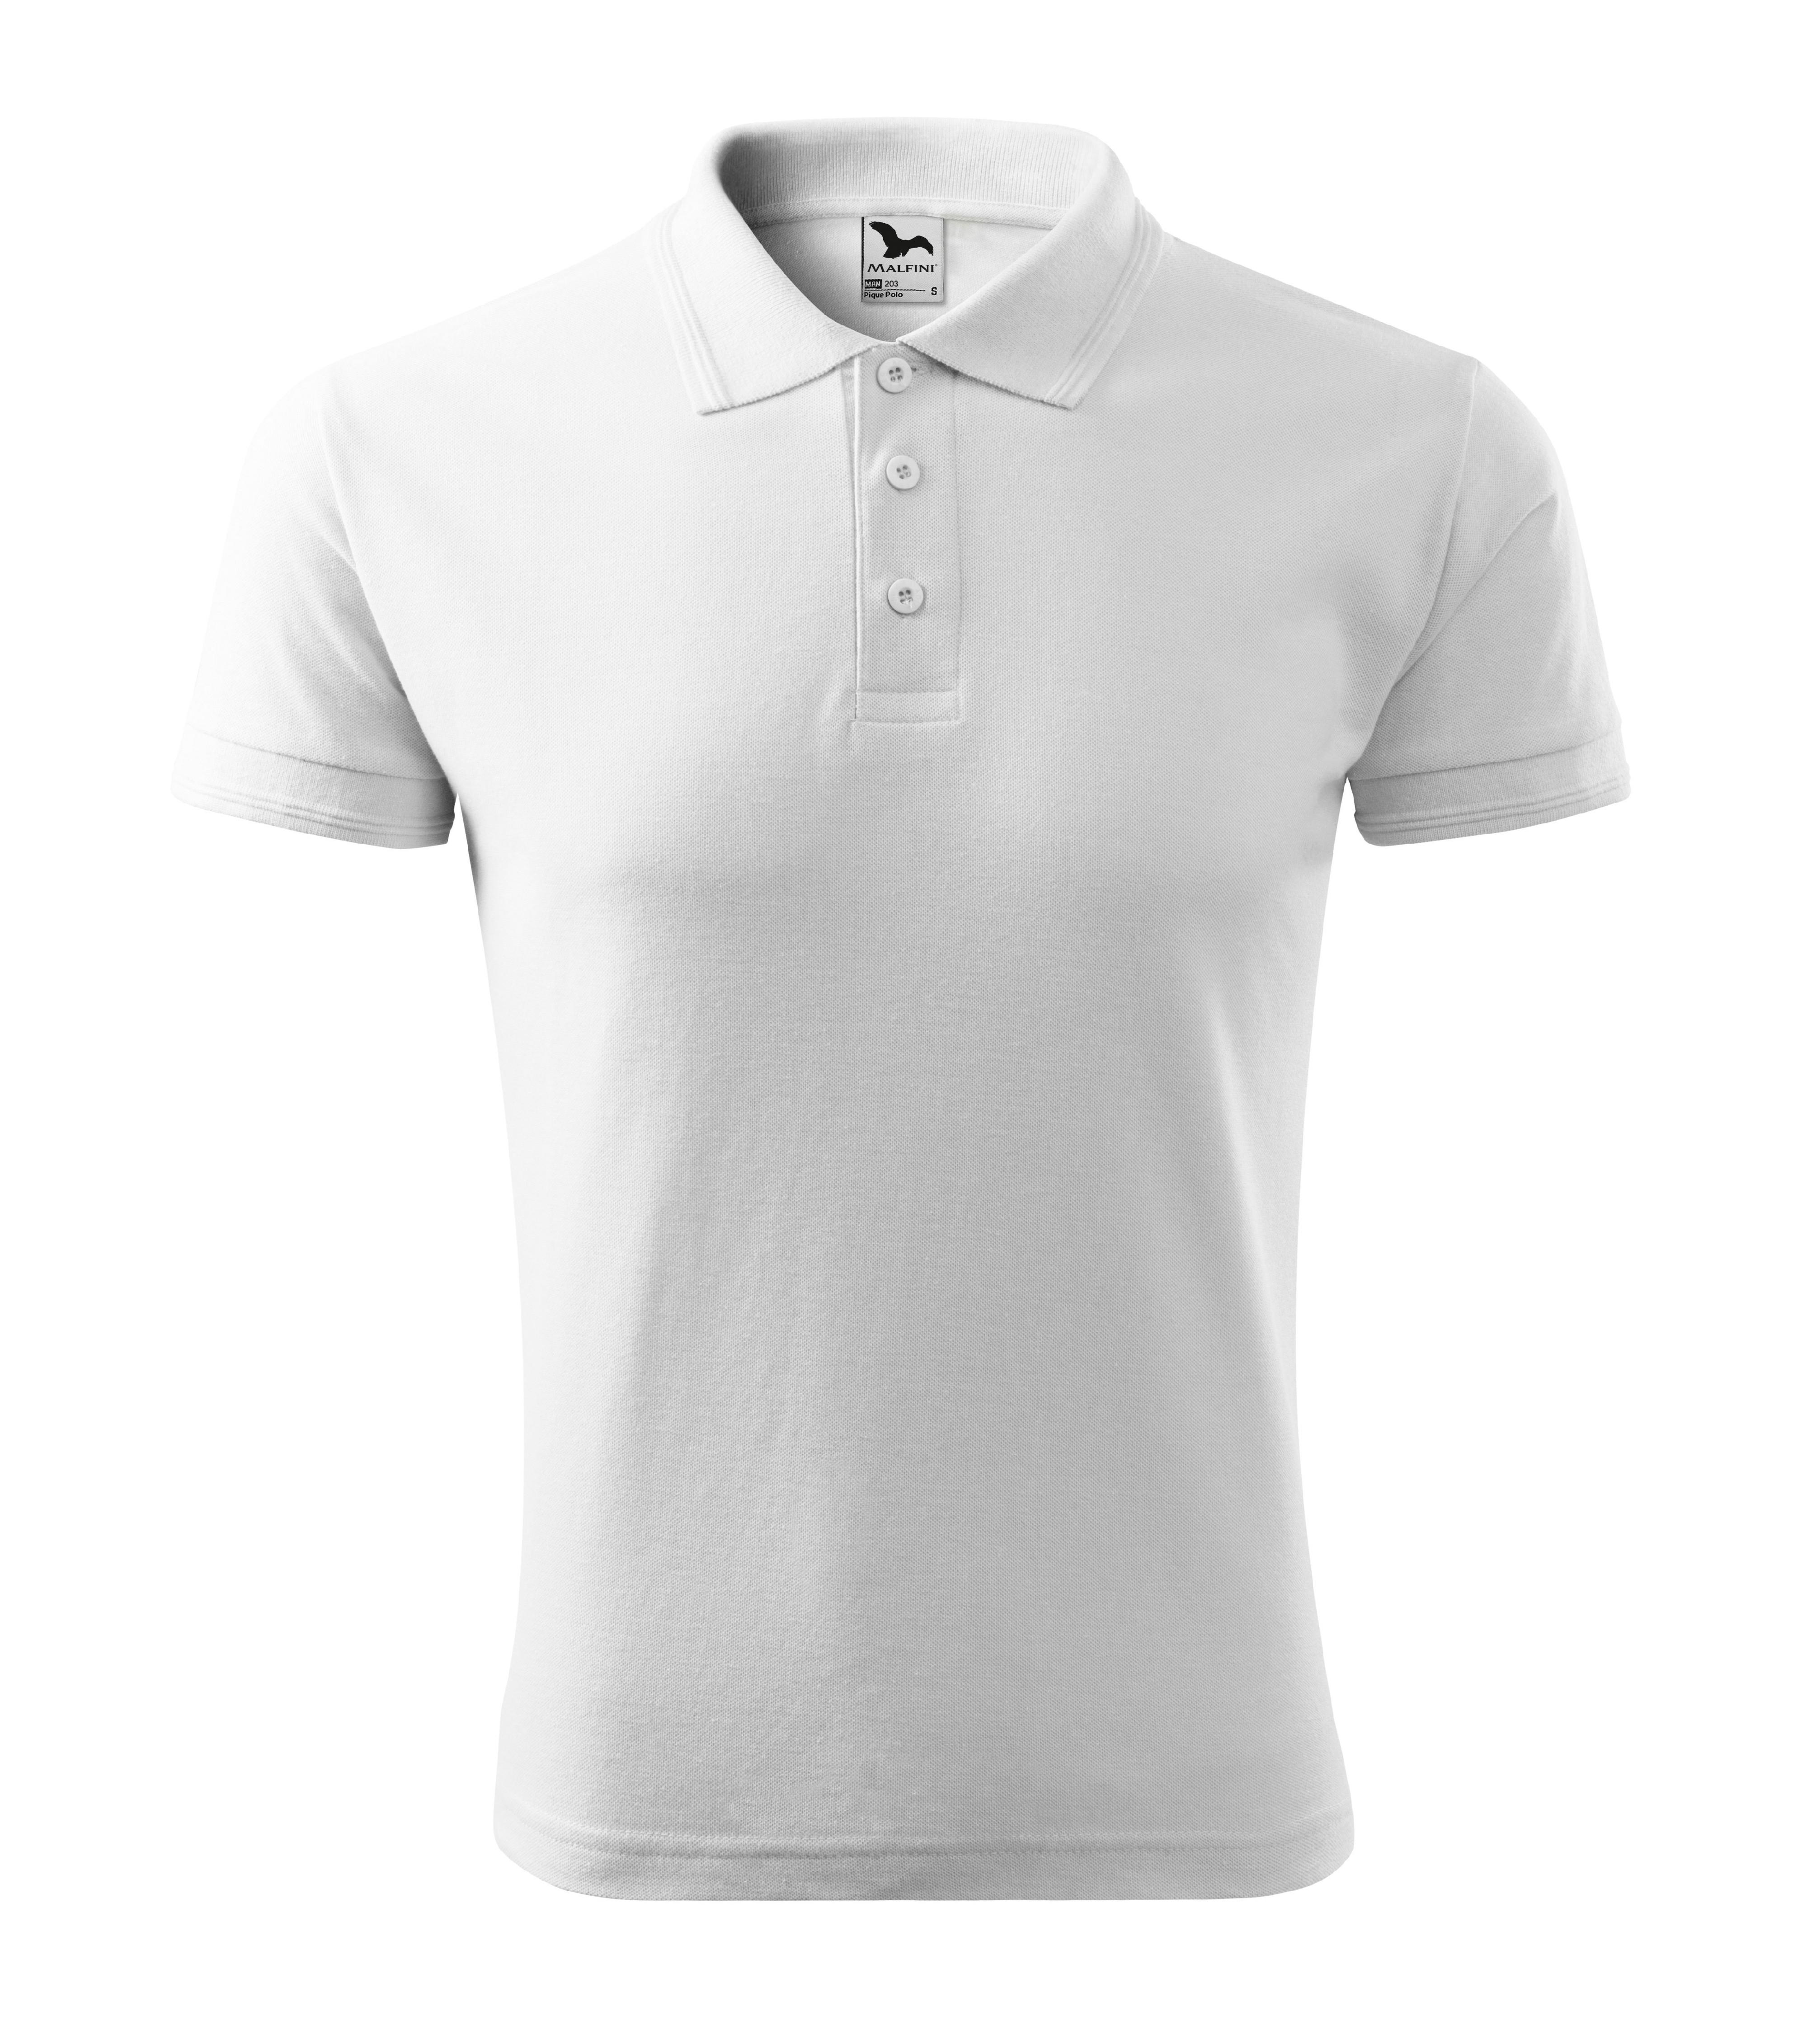 Polokošile pánská Pique Polo Barva: Bílá, Velikost: L